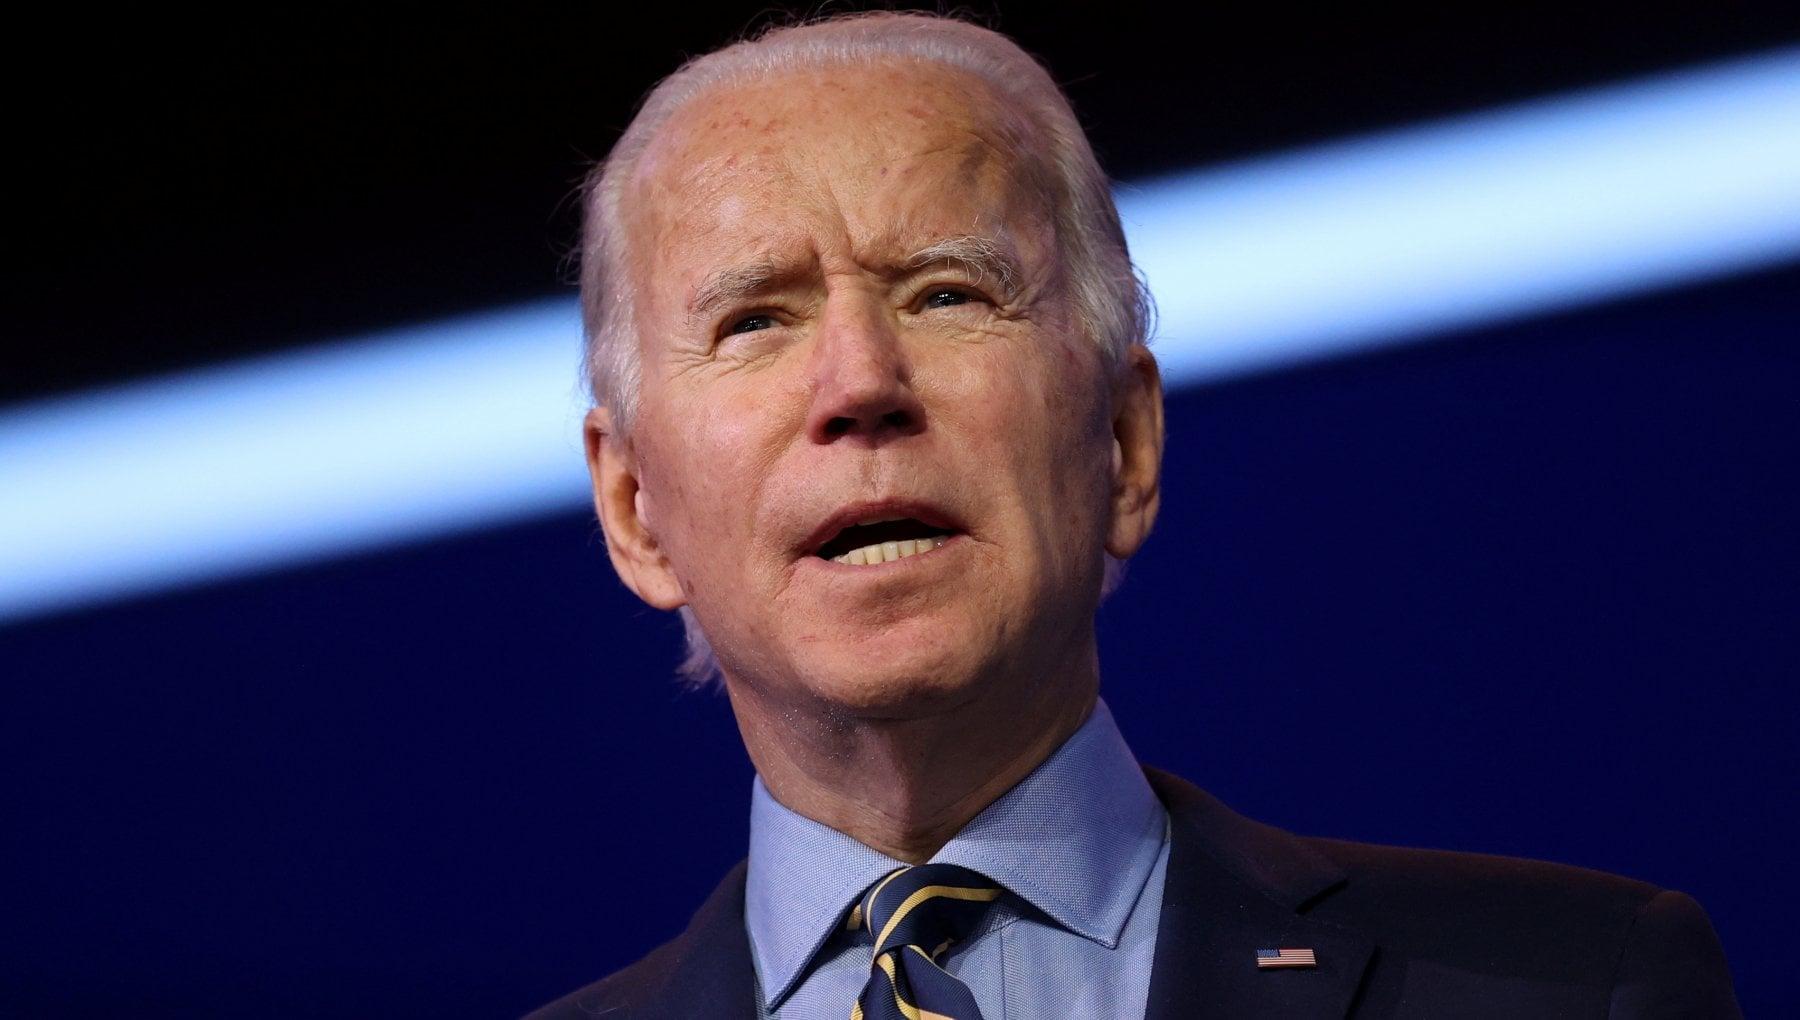 094231255 772955de 61c2 40cc b6b2 991a6e6f79a7 - Usa, Biden accusa il Pentagono: irresponsabili, ci negano le informazioni